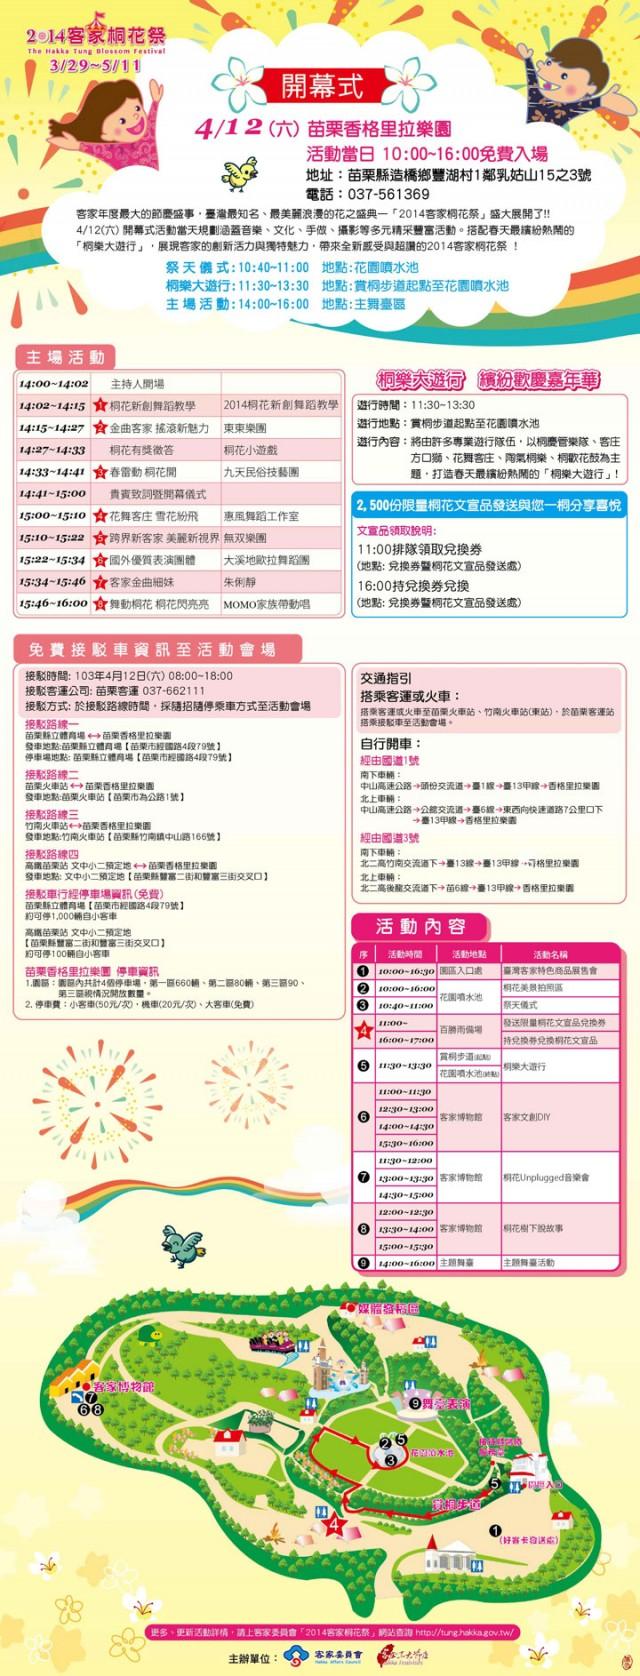 香格里拉樂園-0-香格里拉-桐花祭開幕式.jpg